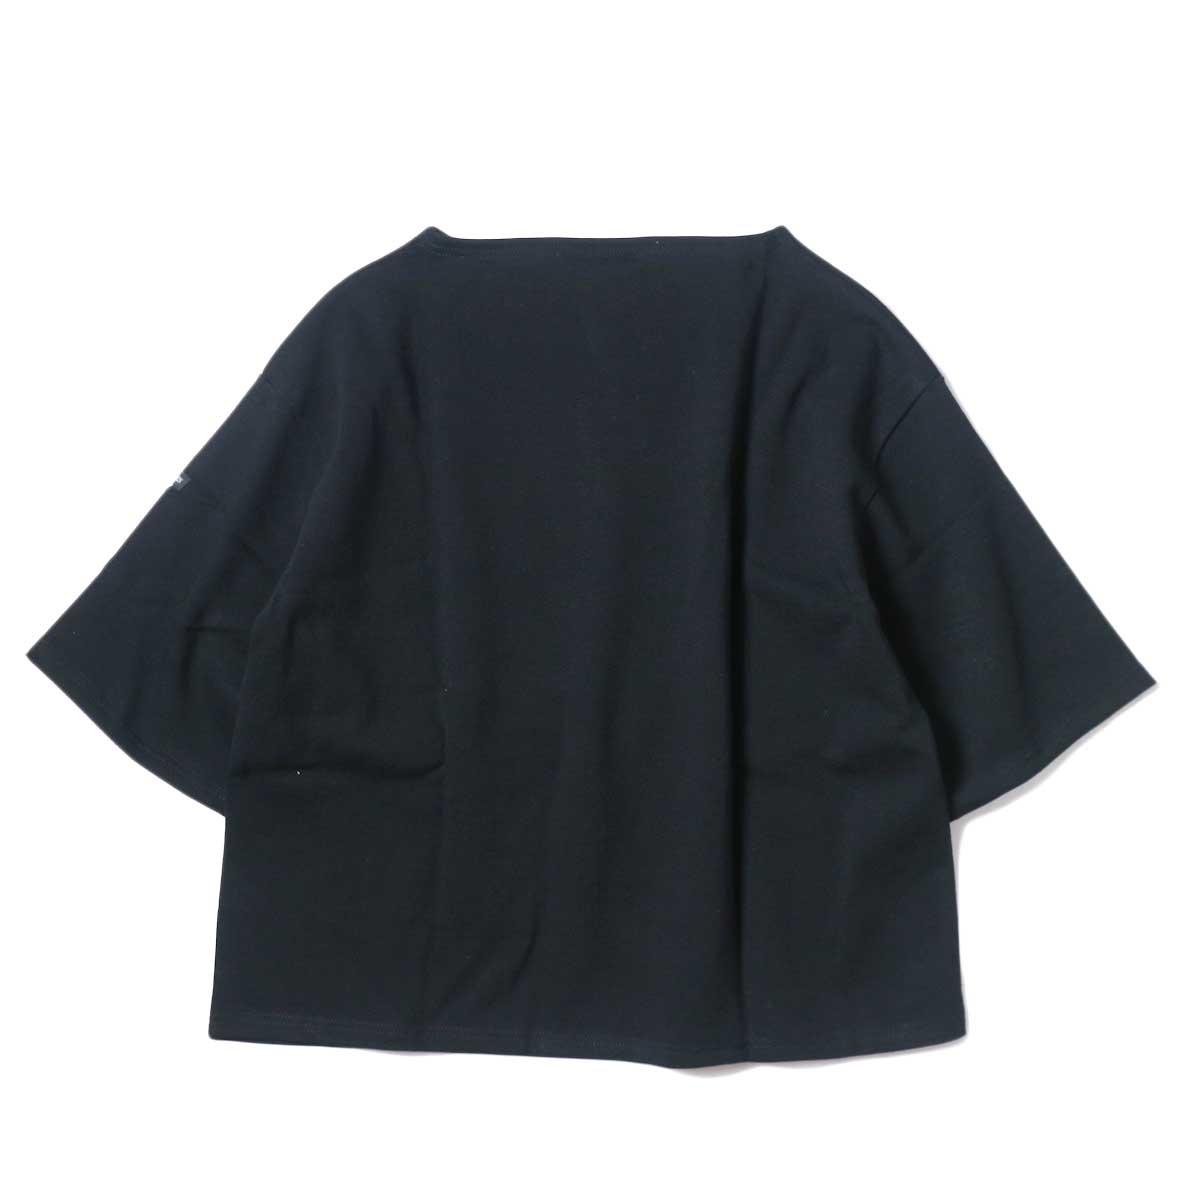 SAINT JAMES / OUESSANT SHORT SLEEVE SHIRTS (Noir) 背面